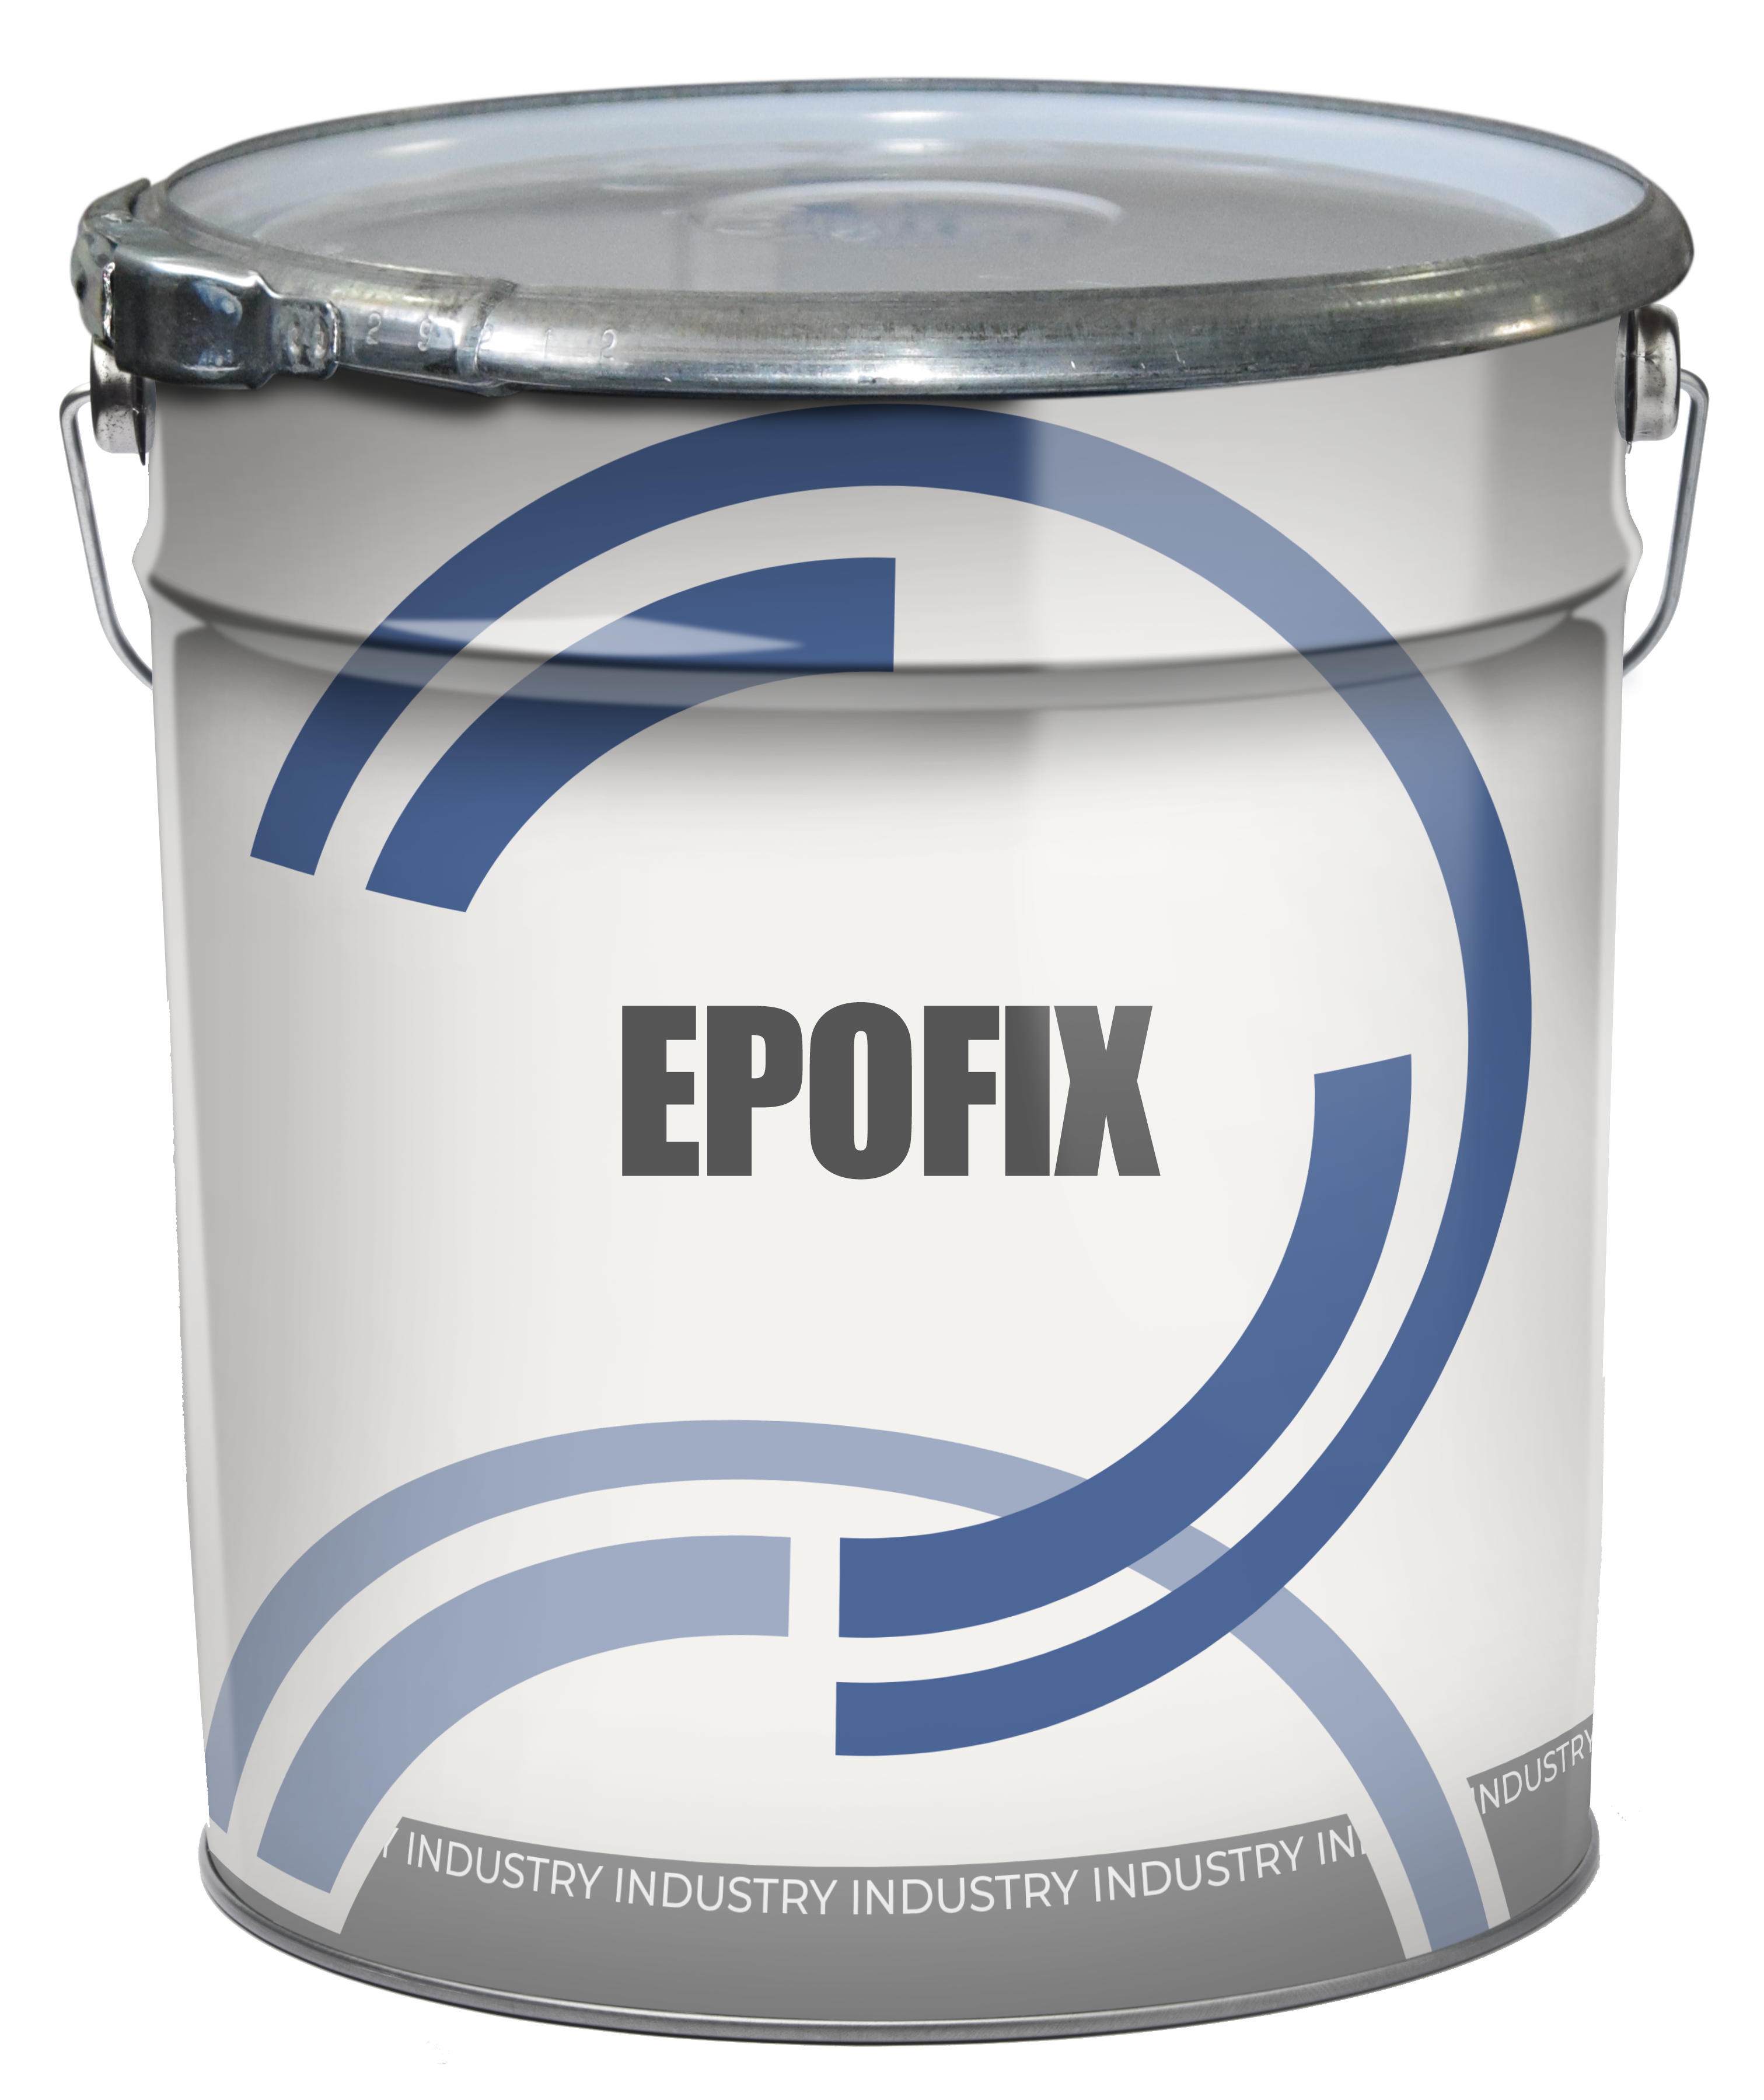 Epofix